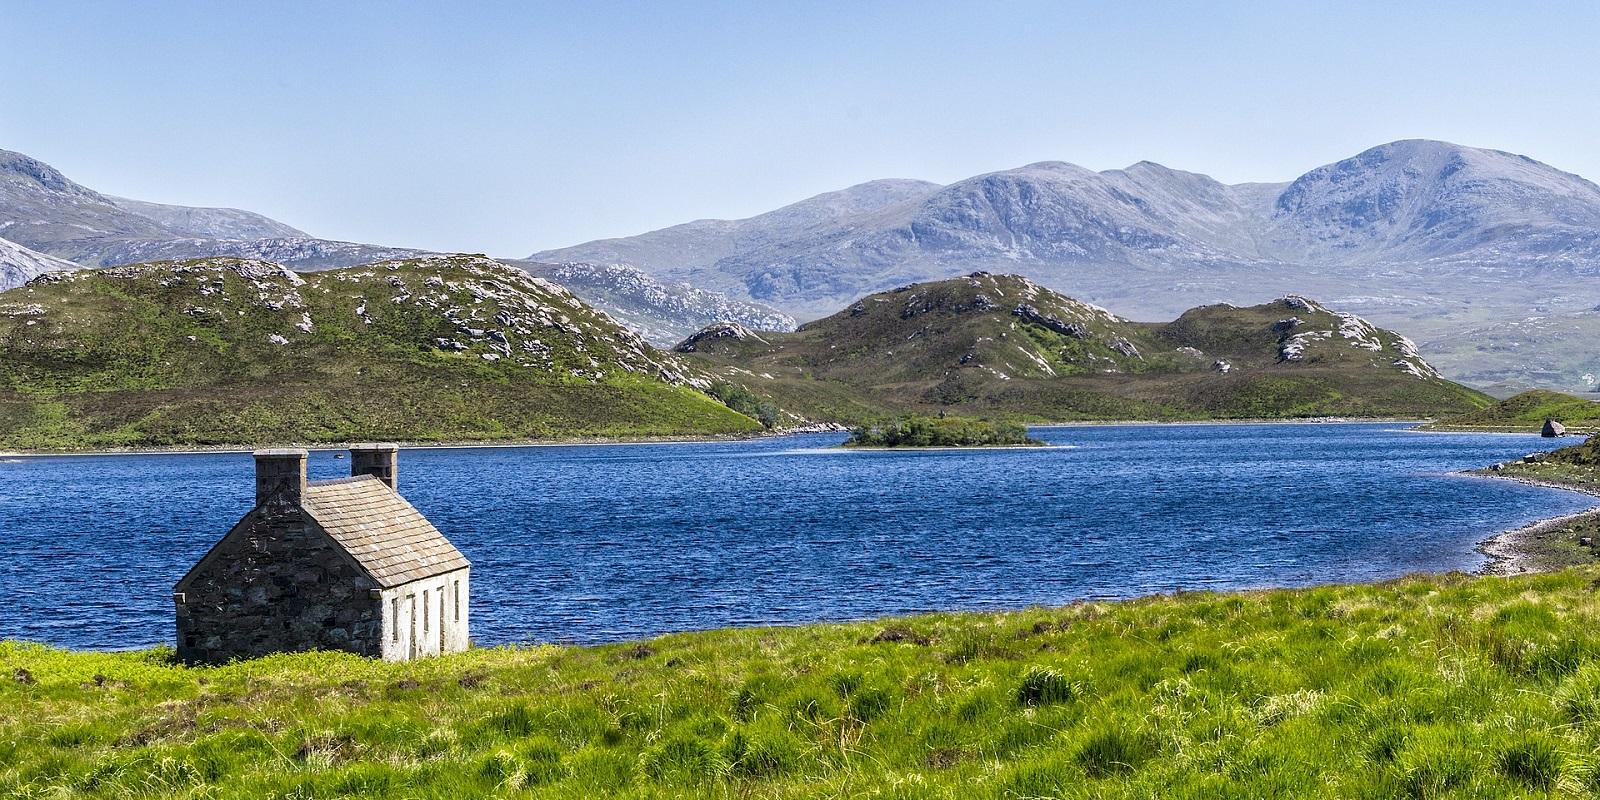 viaggio in Scozia, fiordo vicino alle isole Shetland